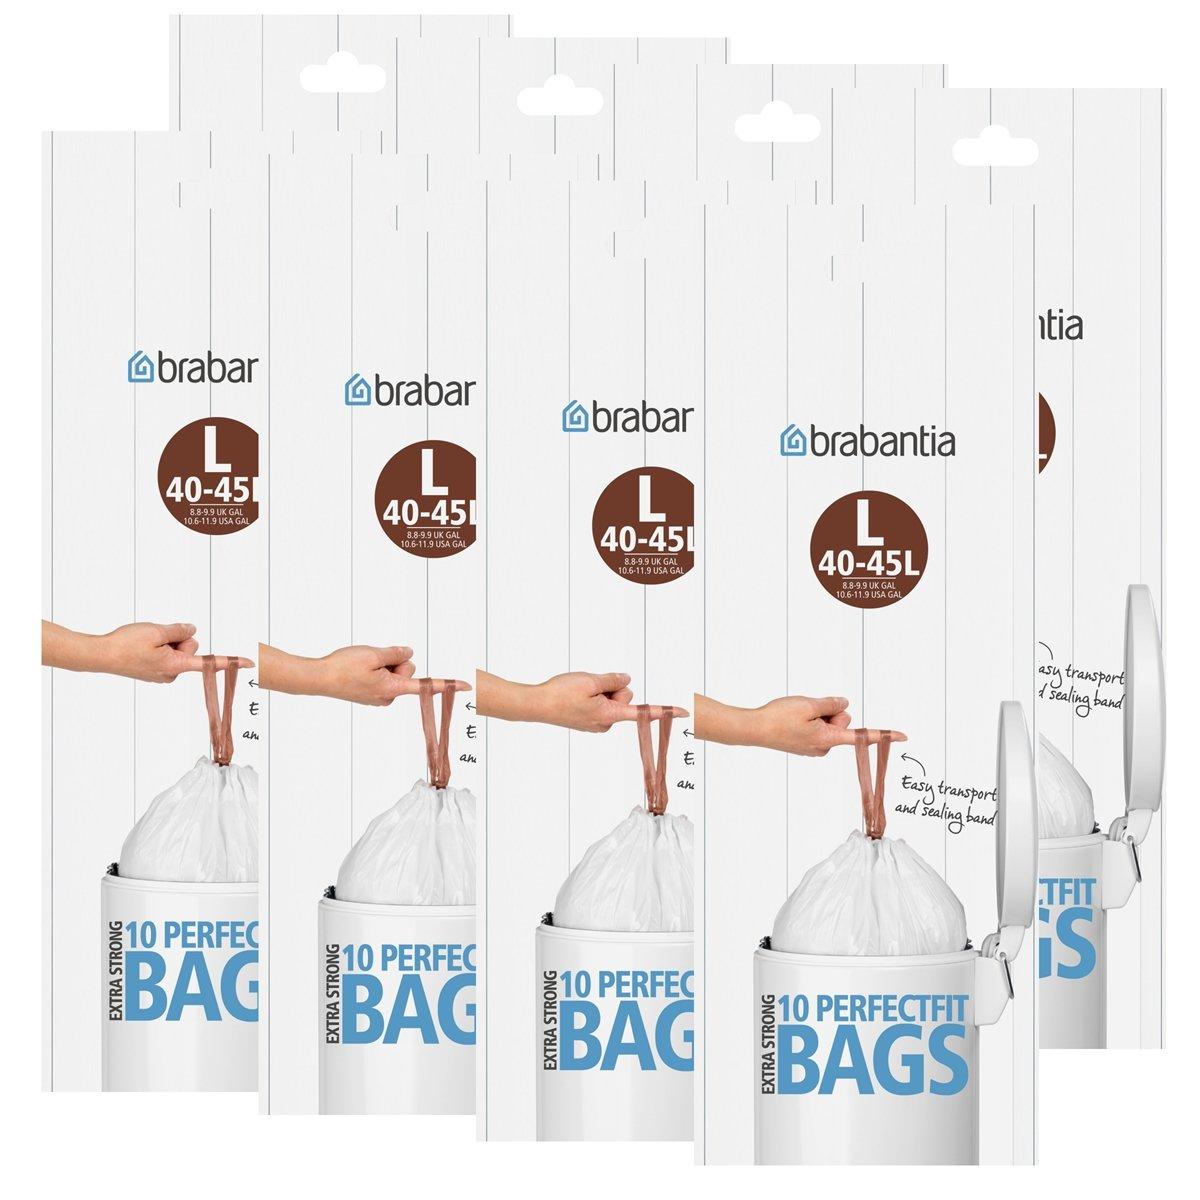 Sacchi della spazzatura Brabantia Smartfix (L) 40–45litri, 10Sacchetti di immondizia–Spezielle aerazione è facile inserimento–Perfetta del Sacco Rifiuti Nel Tuo Brabantia pattumiera (